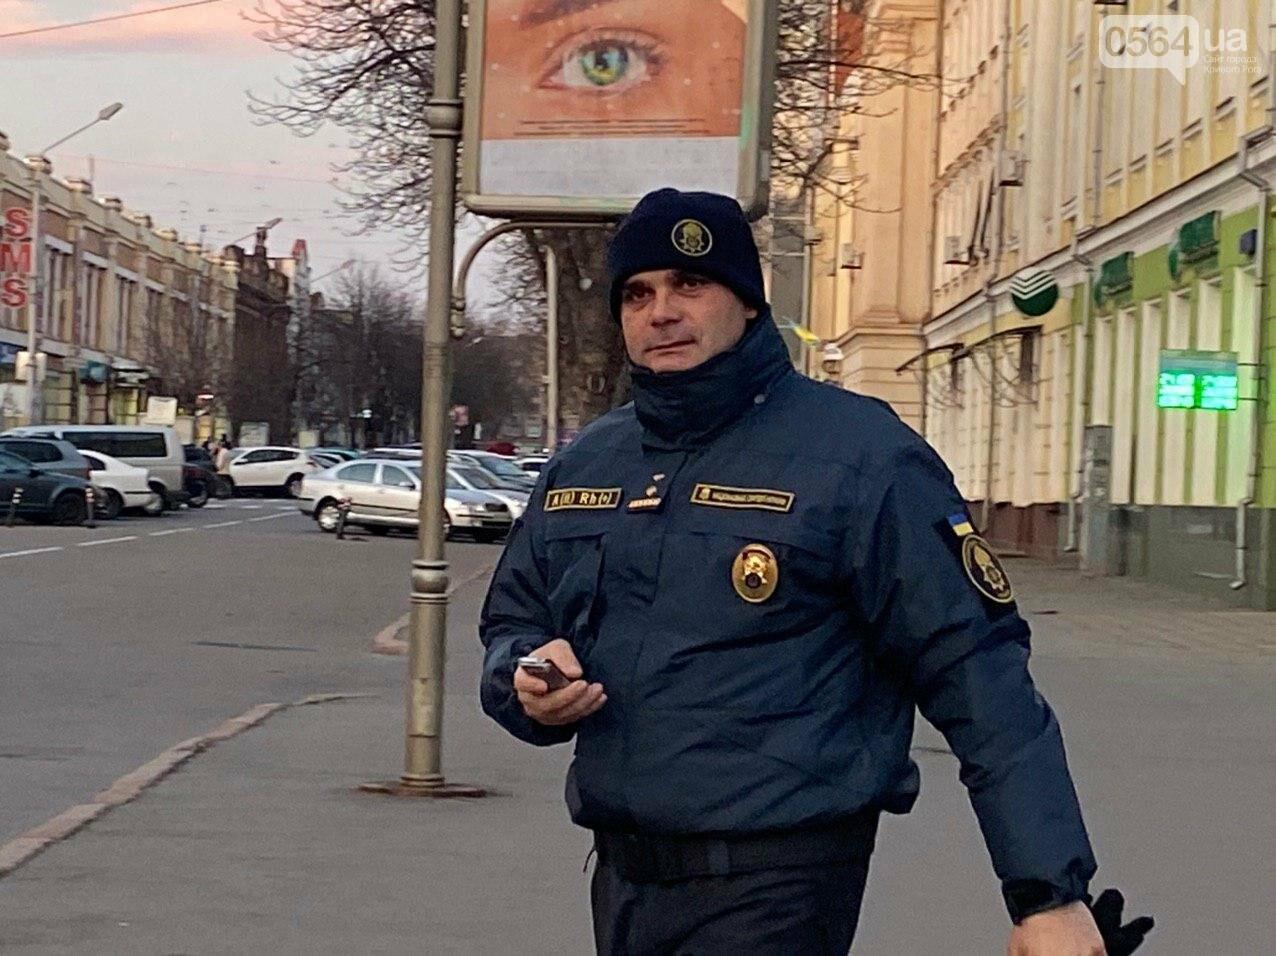 """""""Криворожане будут чувствовать себя в большей безопасности"""": в Центрально-Городском районе начались патрулирования, - ФОТО, ВИДЕО , фото-11"""